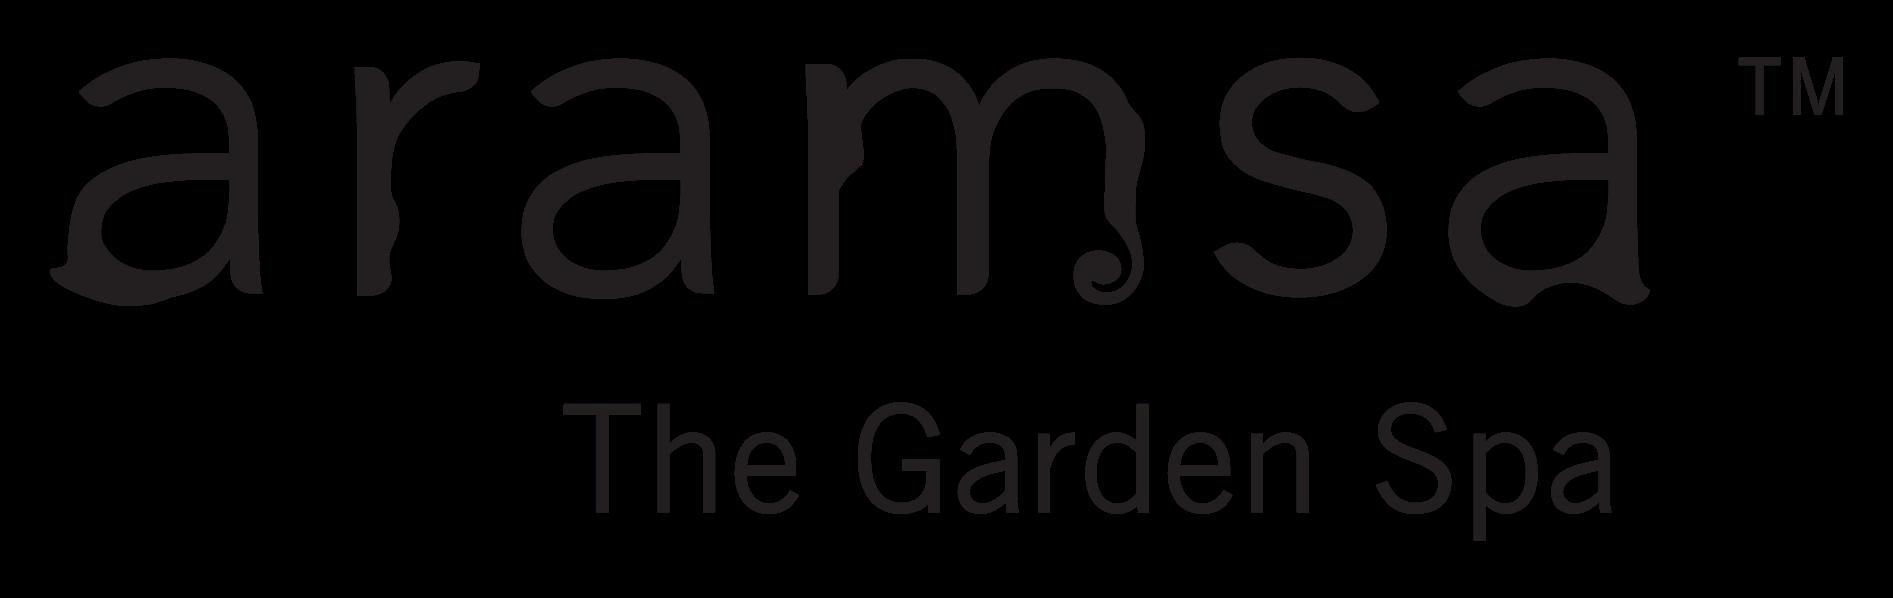 aramsa_logo.png